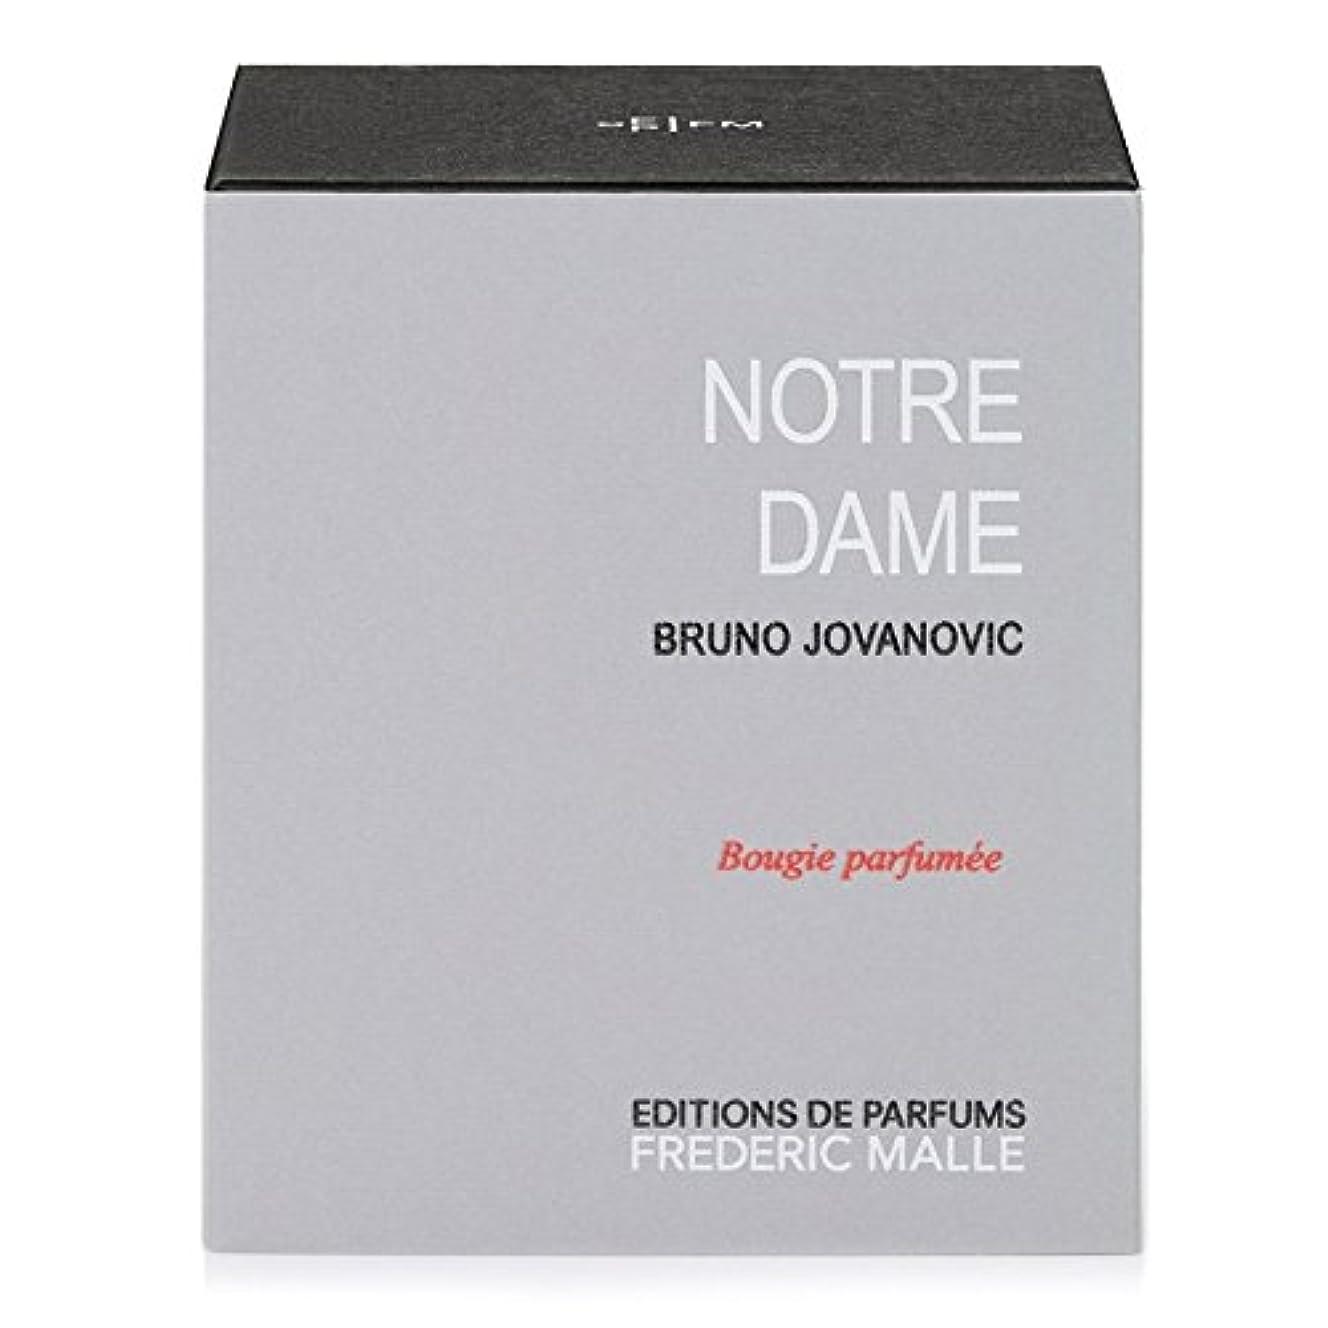 キャンパスミキサーナラーバーFrederic Malle Notre Dame Scented Candle 220g (Pack of 4) - フレデリック?マルノートルダム香りのキャンドル220グラム x4 [並行輸入品]